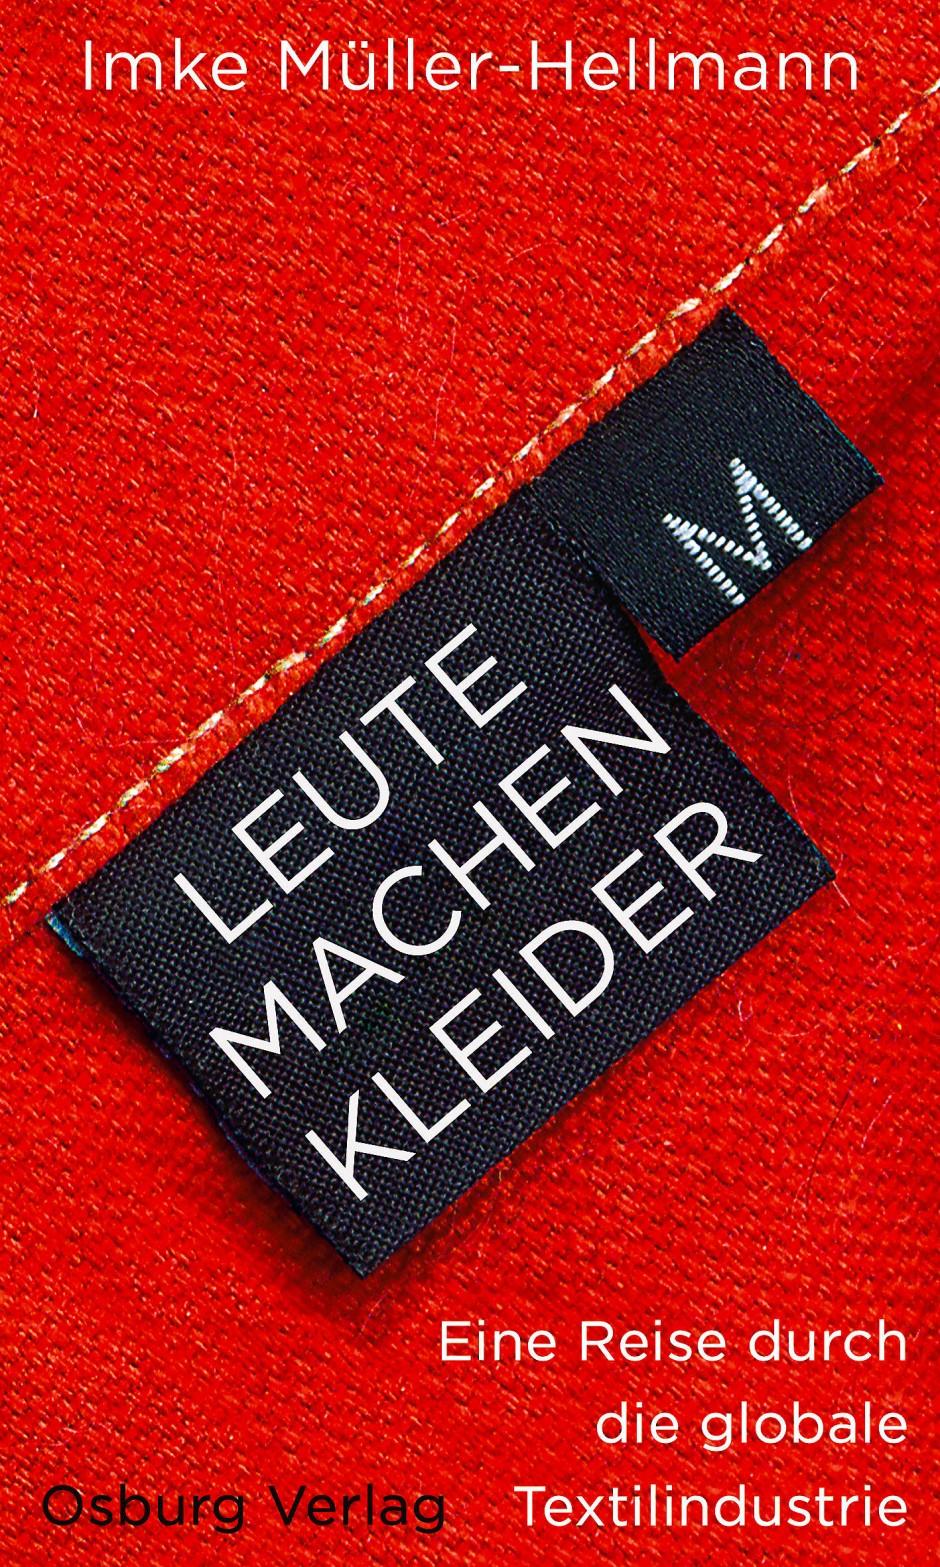 """Imke Müller-Hellmann: """"Leute machen Kleider"""". Eine Reise durch die globale Textilindustrie. Osburg Verlag, Hamburg 2017. 284 S., geb., 20,–"""